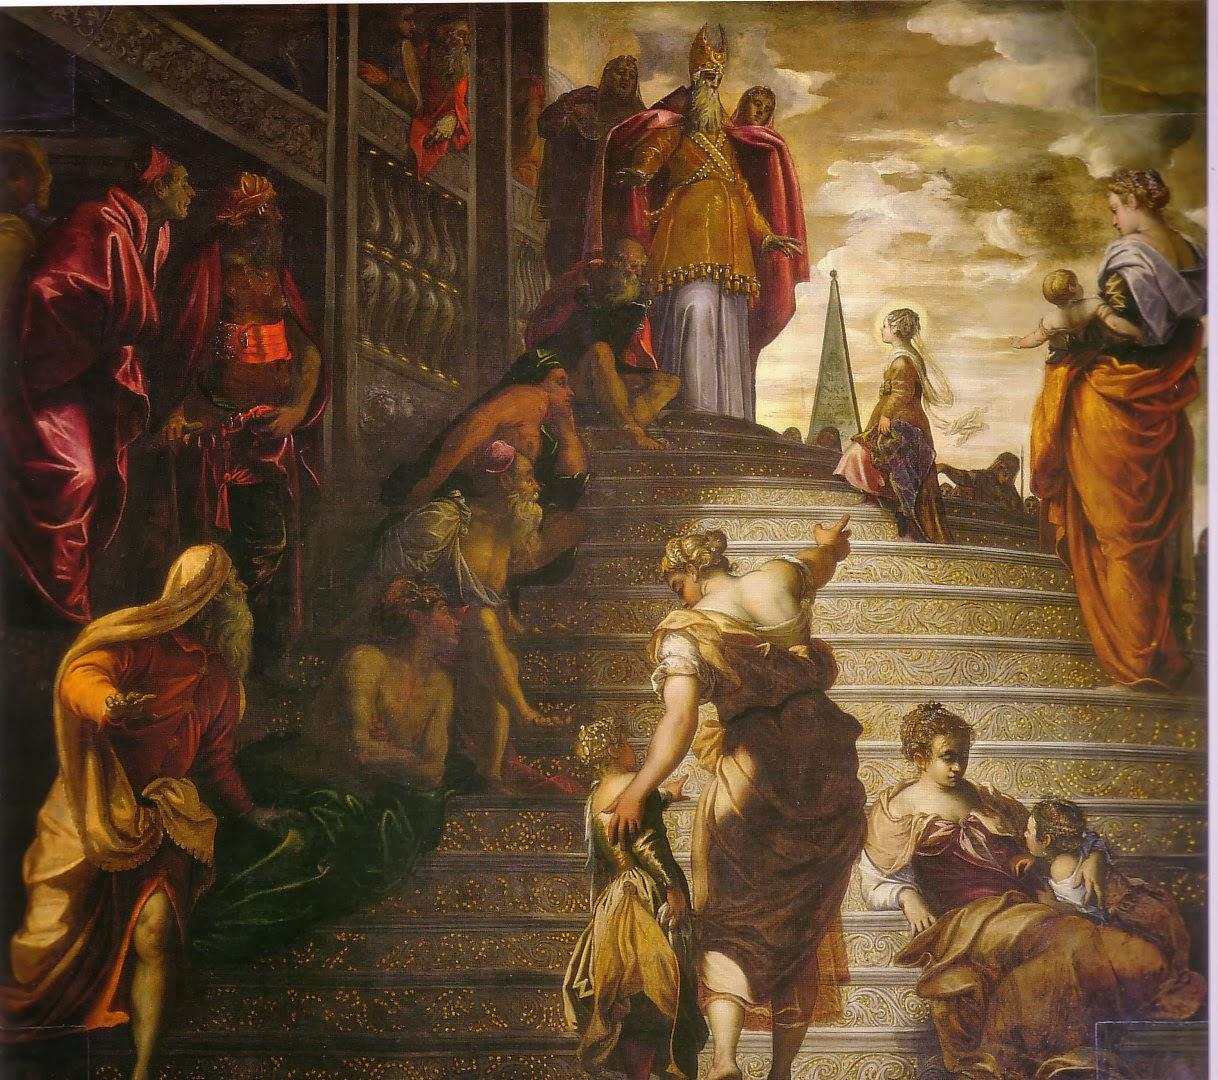 Jacopo Robusti dit le Tintoret La Présentation de la Vierge au Temple, 1552-1553 Église Madonna dell'Orto, Venise